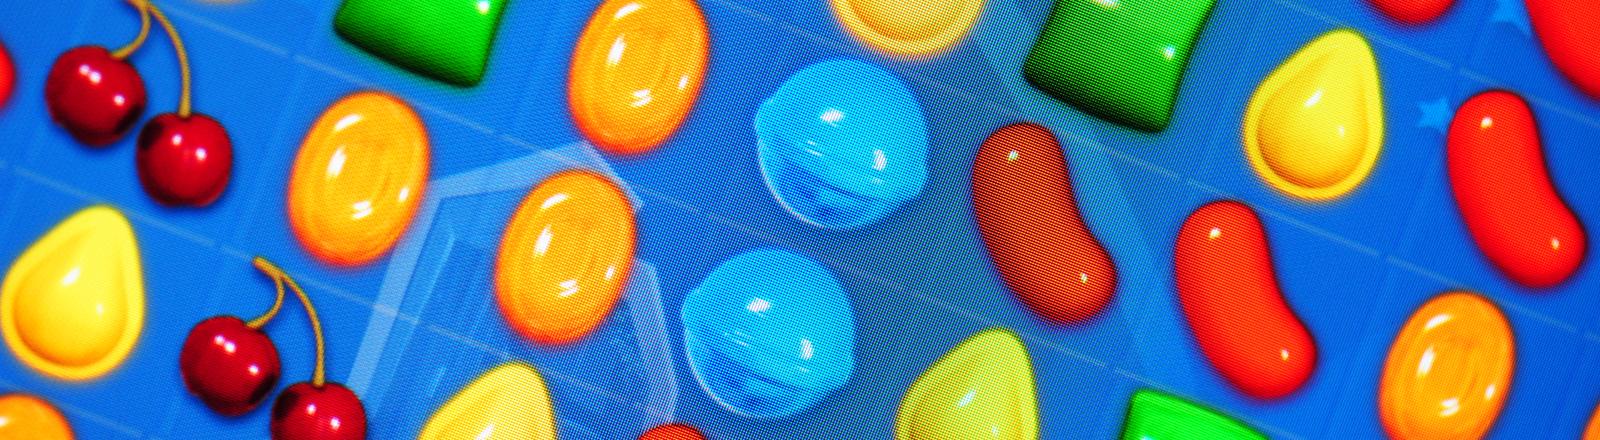 """So sieht das beliebte Spiel """"Candy Crush Saga"""" auf einem Tablet aus."""